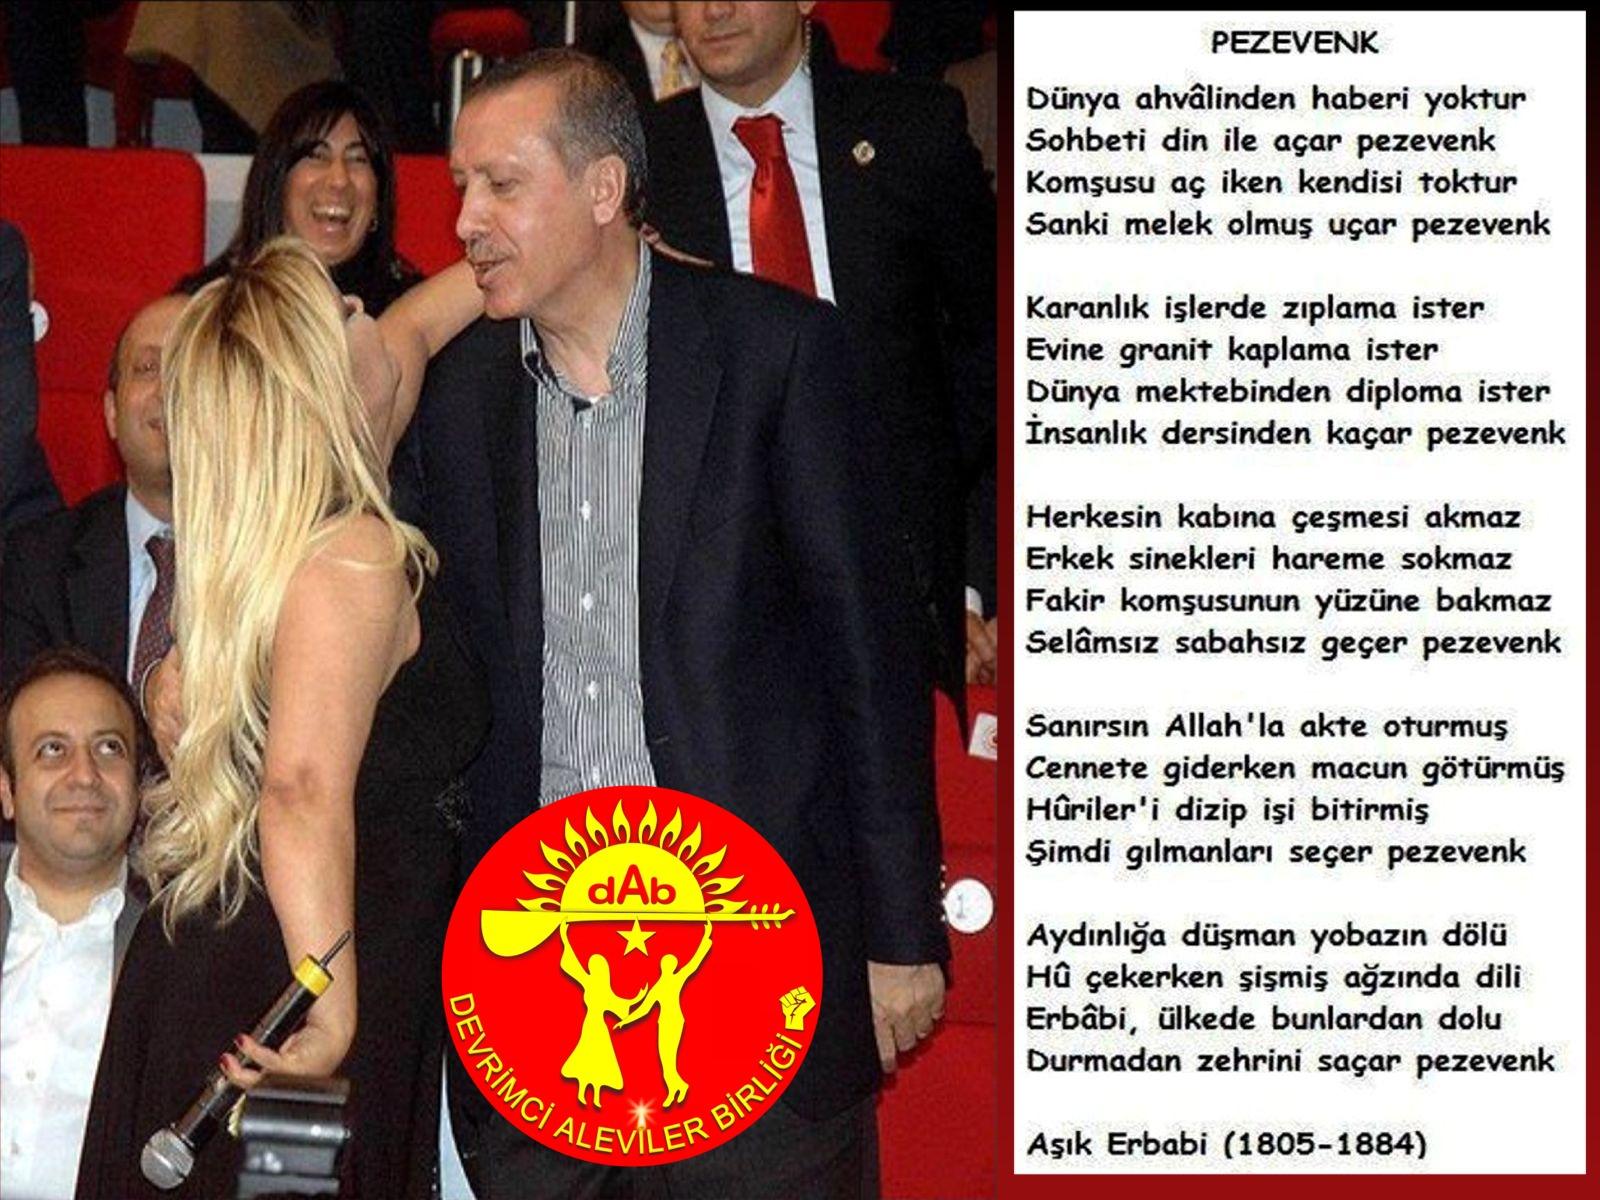 Alevi Bektaşi Kızılbaş Pir Sultan Devrimci Aleviler Birliği DAB pezevenk2